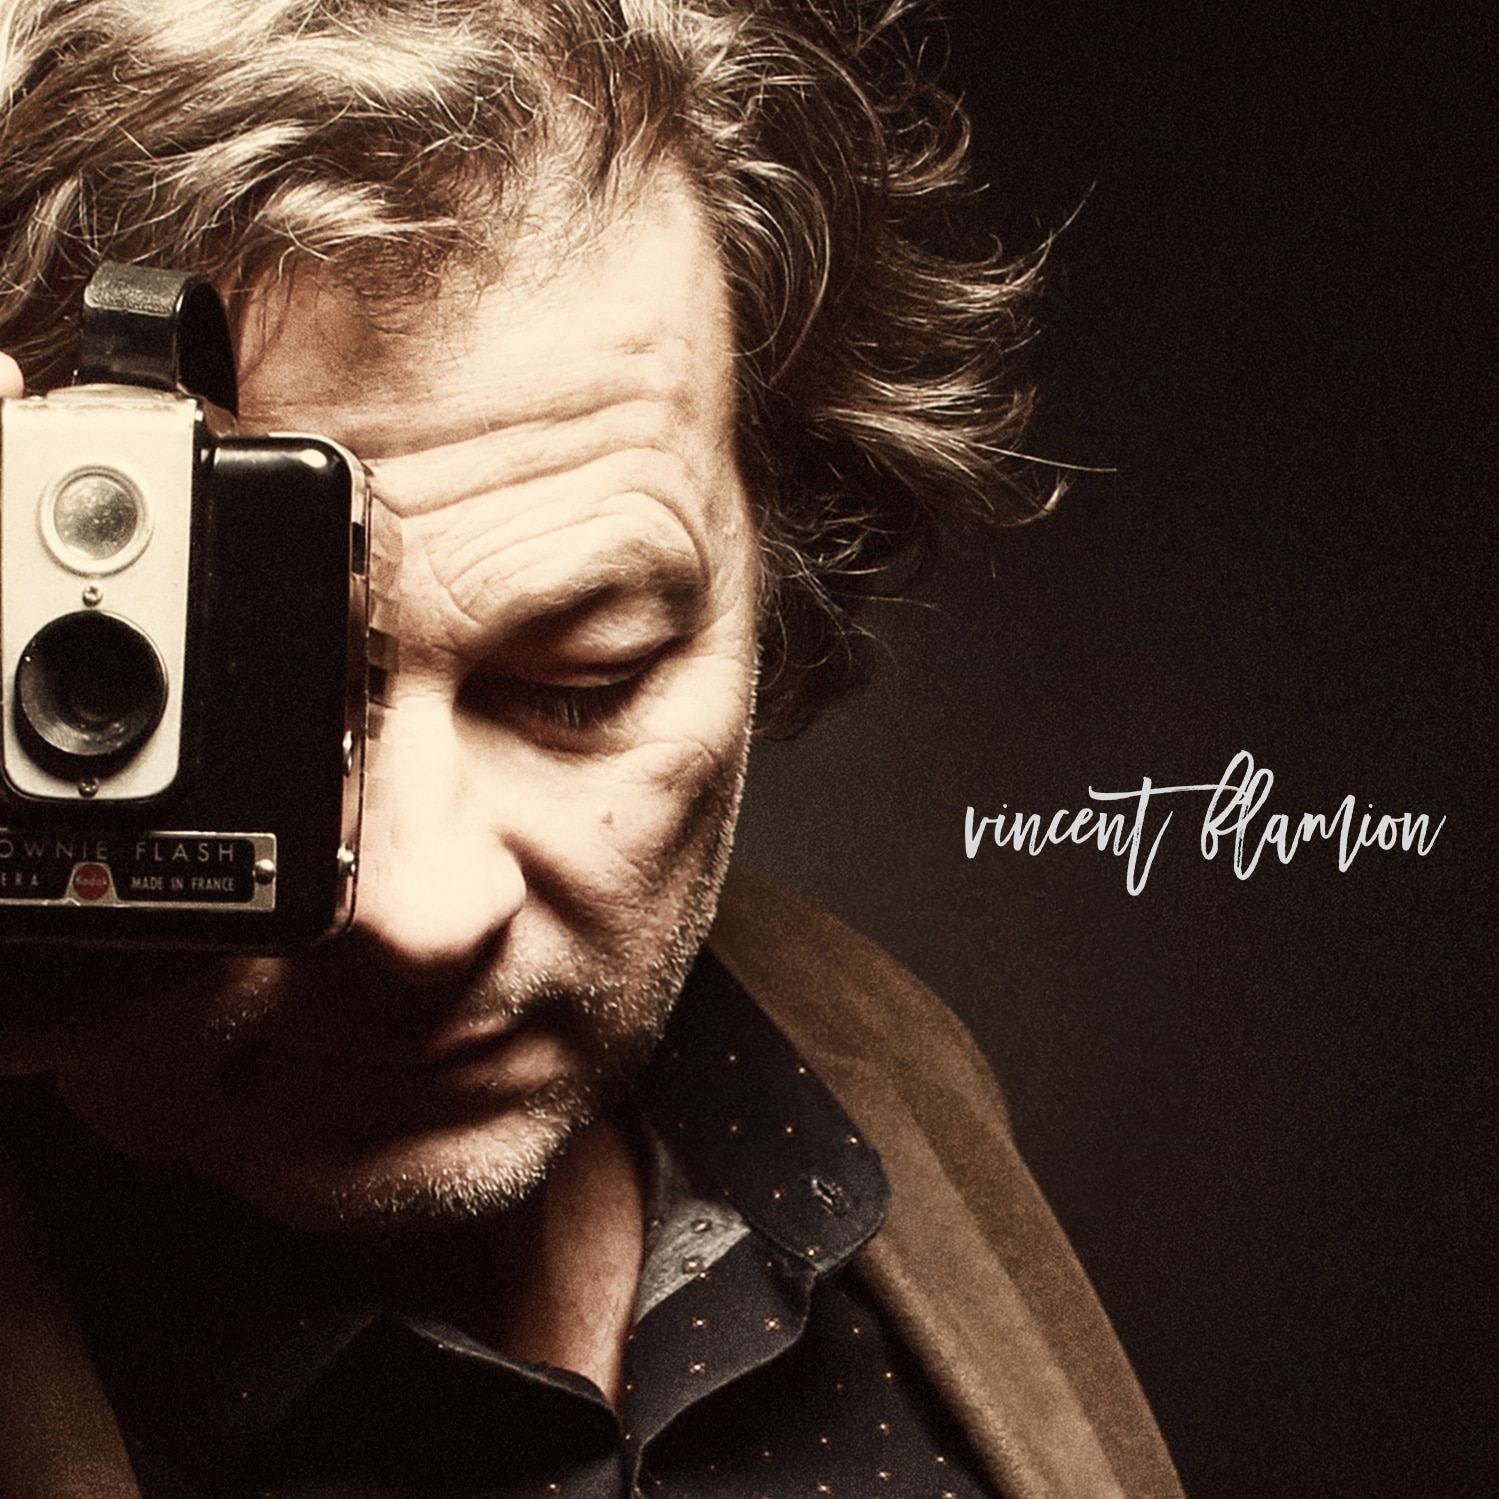 Vincent-Flamion